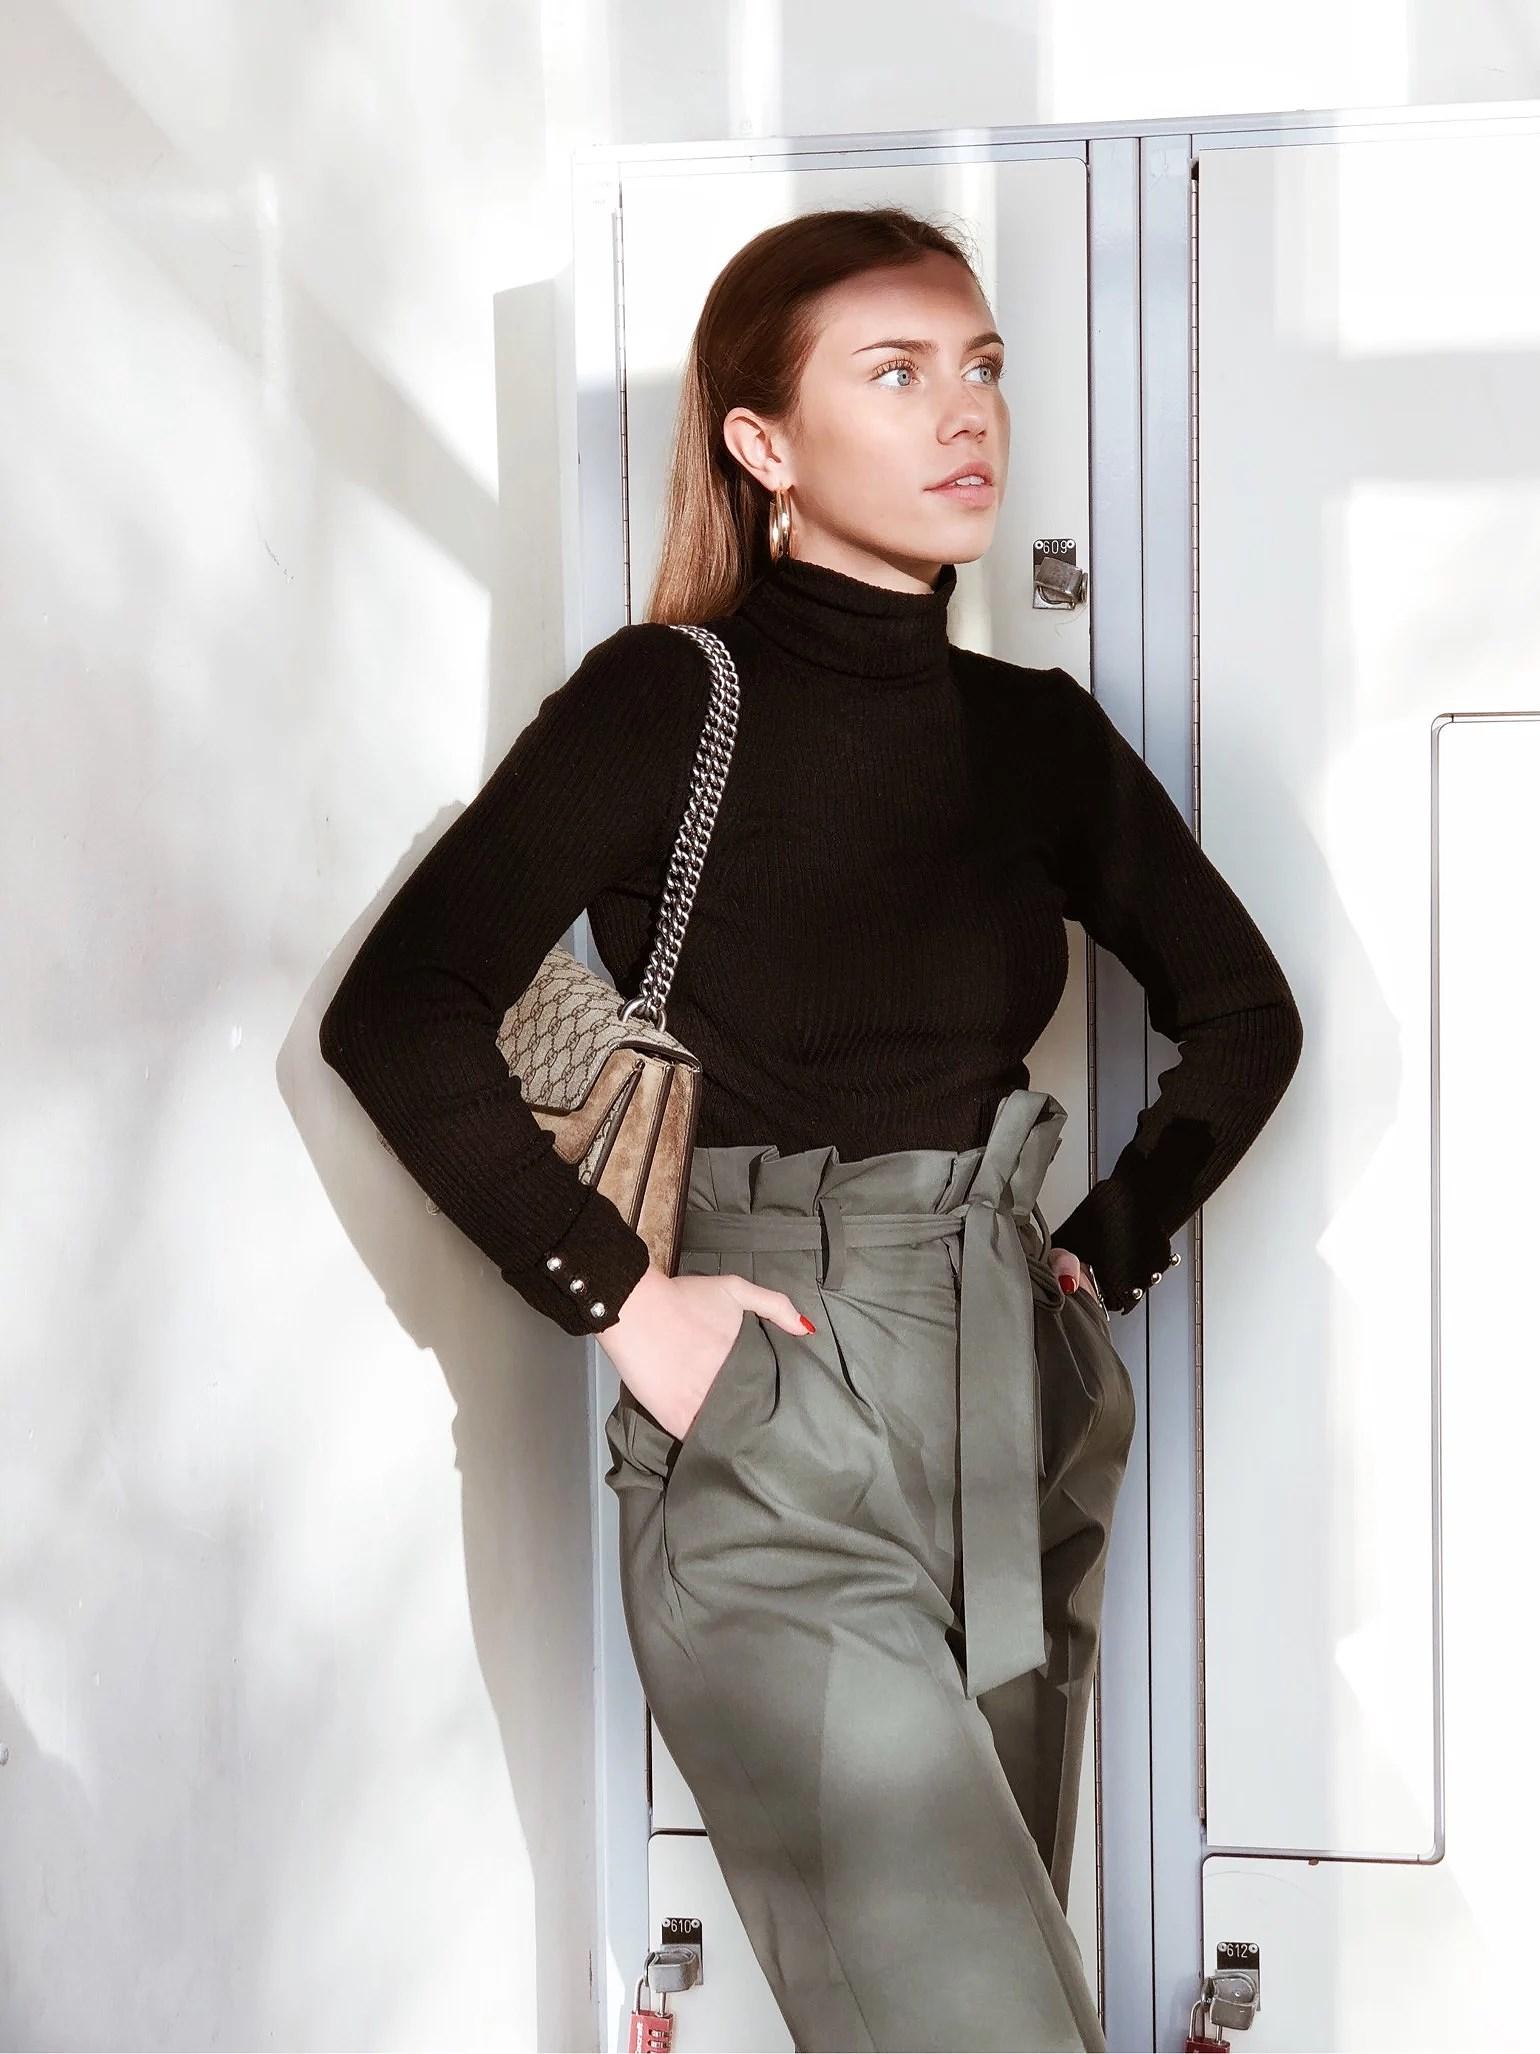 Torsdagens klädsel